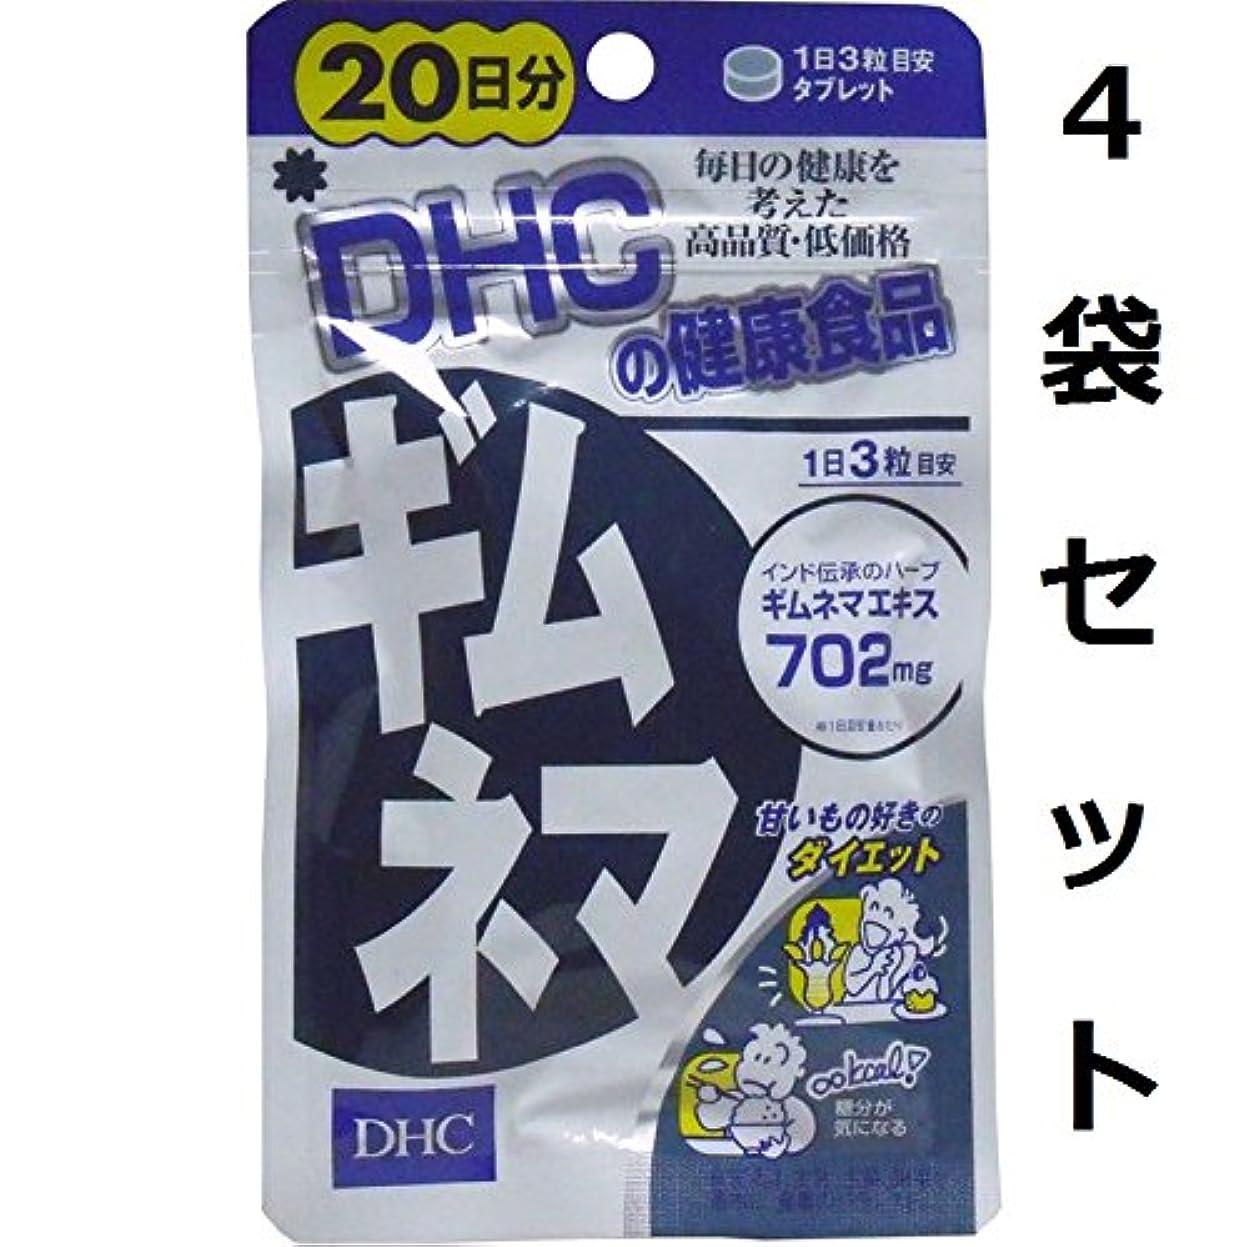 合意東方構成する糖分や炭水化物を多く摂る人に DHC ギムネマ 20日分 60粒 4袋セット